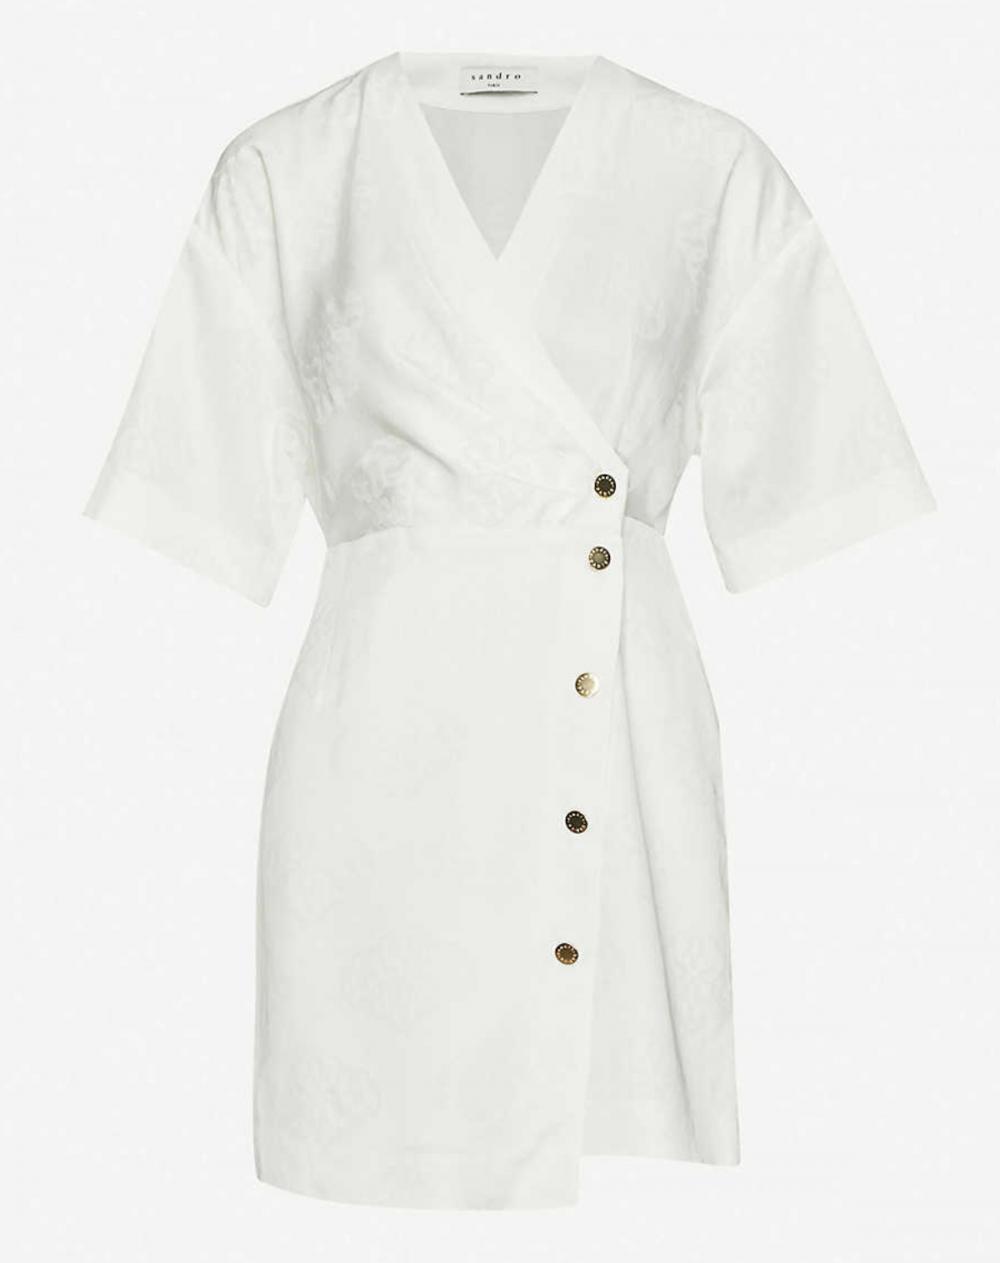 法式優雅連身裙款Selfridges減至半價9